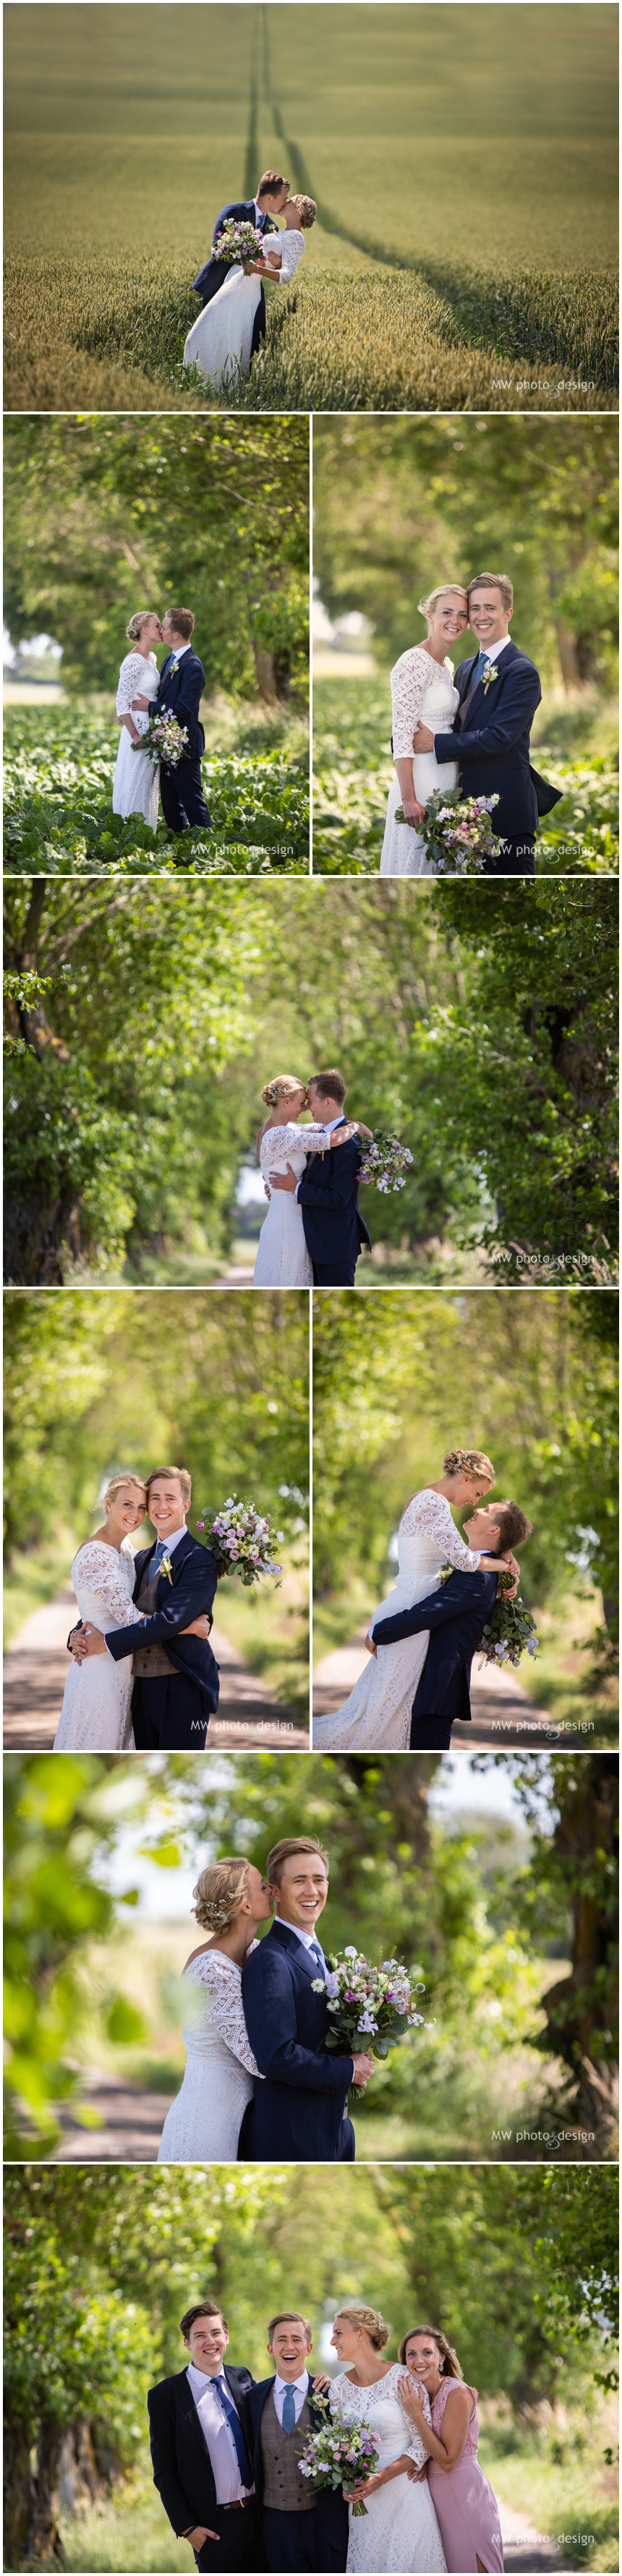 bröllop, emma och adam, fredshög, härslöv, skåne, skånefotograf, helsingborg, bröllopsfotograf, ramlösa, mw photo&design